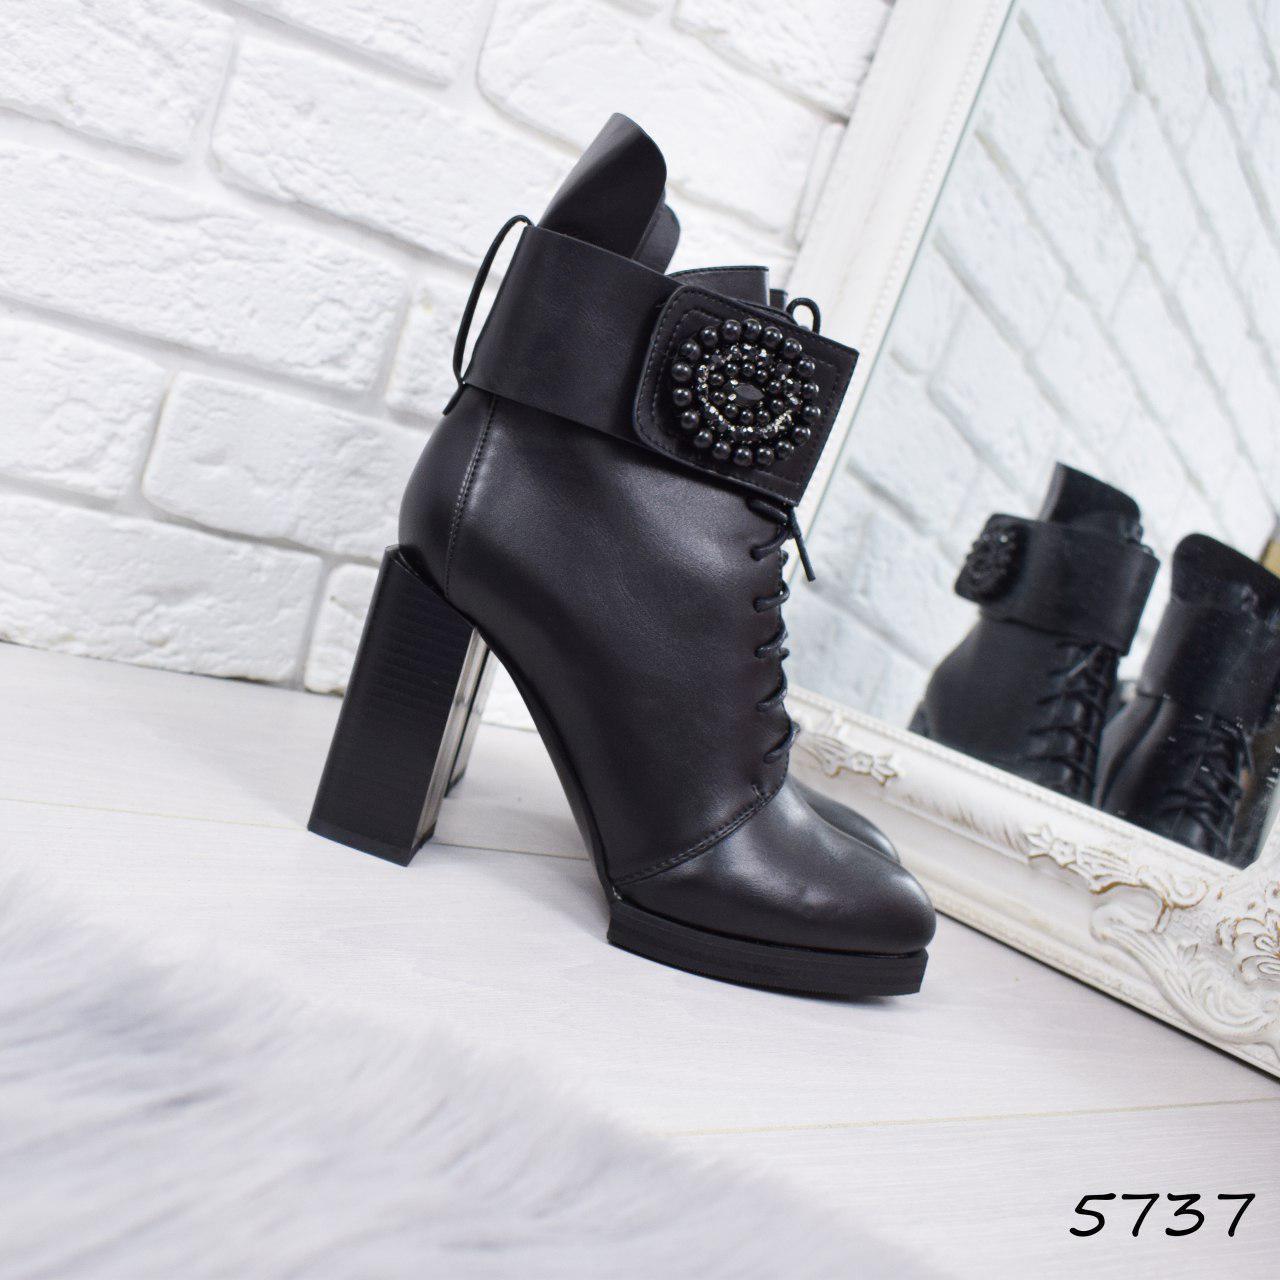 """Ботильоны женские на каблуке, черные """"Styope"""" эко кожа, повседневная обувь, ботинки женские"""